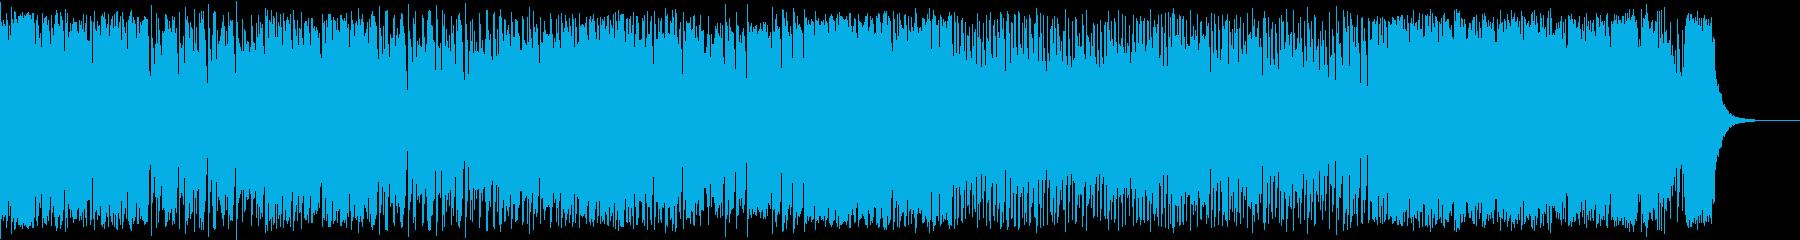 シューティングゲームのステージ1、2風の再生済みの波形